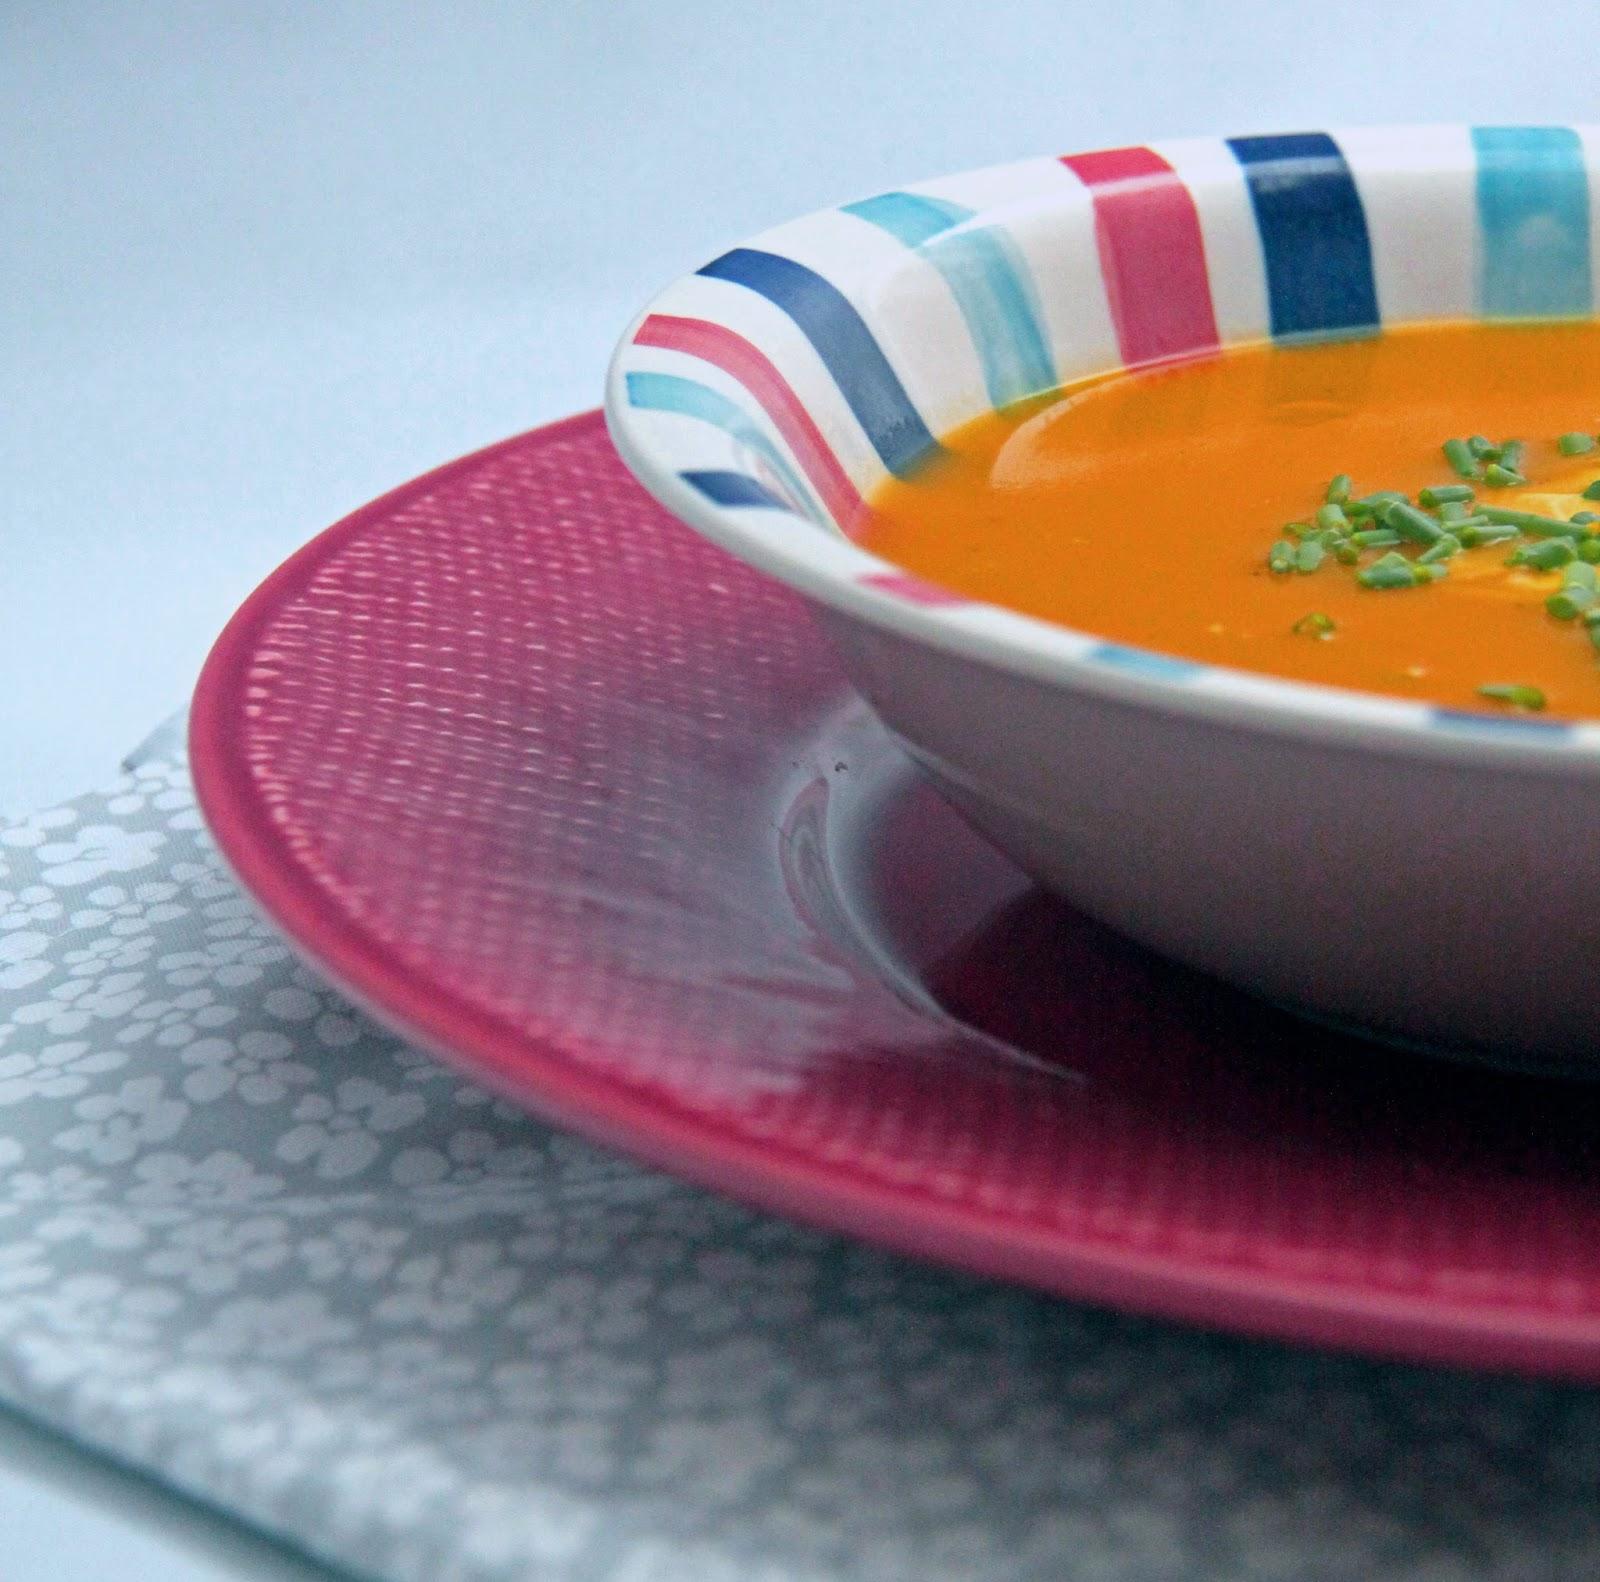 Ninas kleiner Food-Blog: Zusammenfassung: Foodblogger-Charts: Das ...